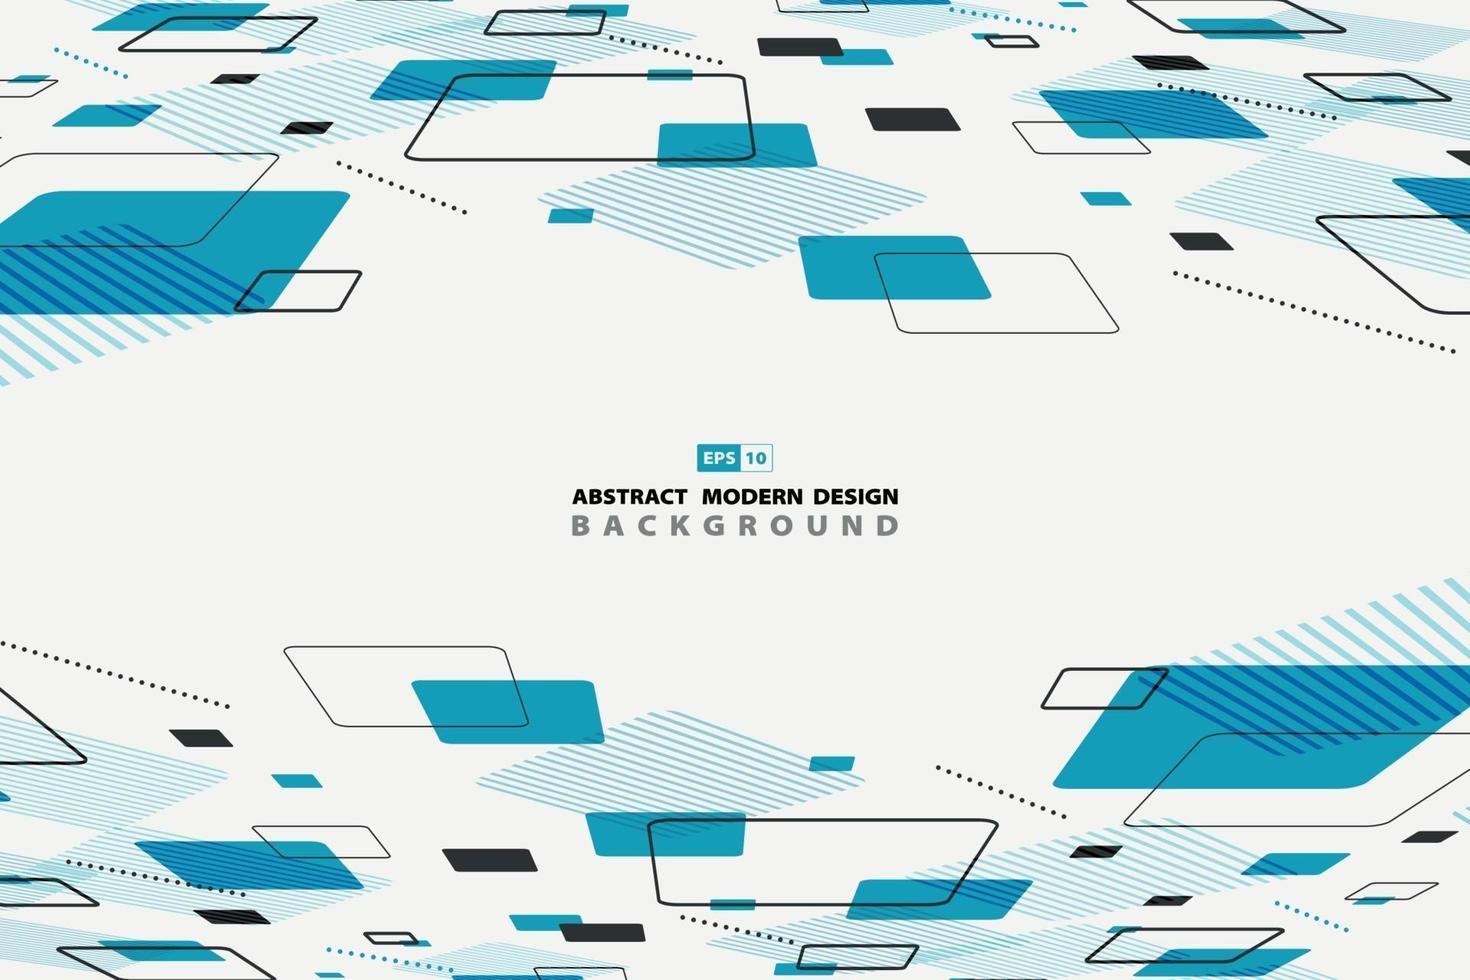 Forma azul abstracta de fondo de perspectiva de decoración de diseño de patrón geométrico. vector de ilustración